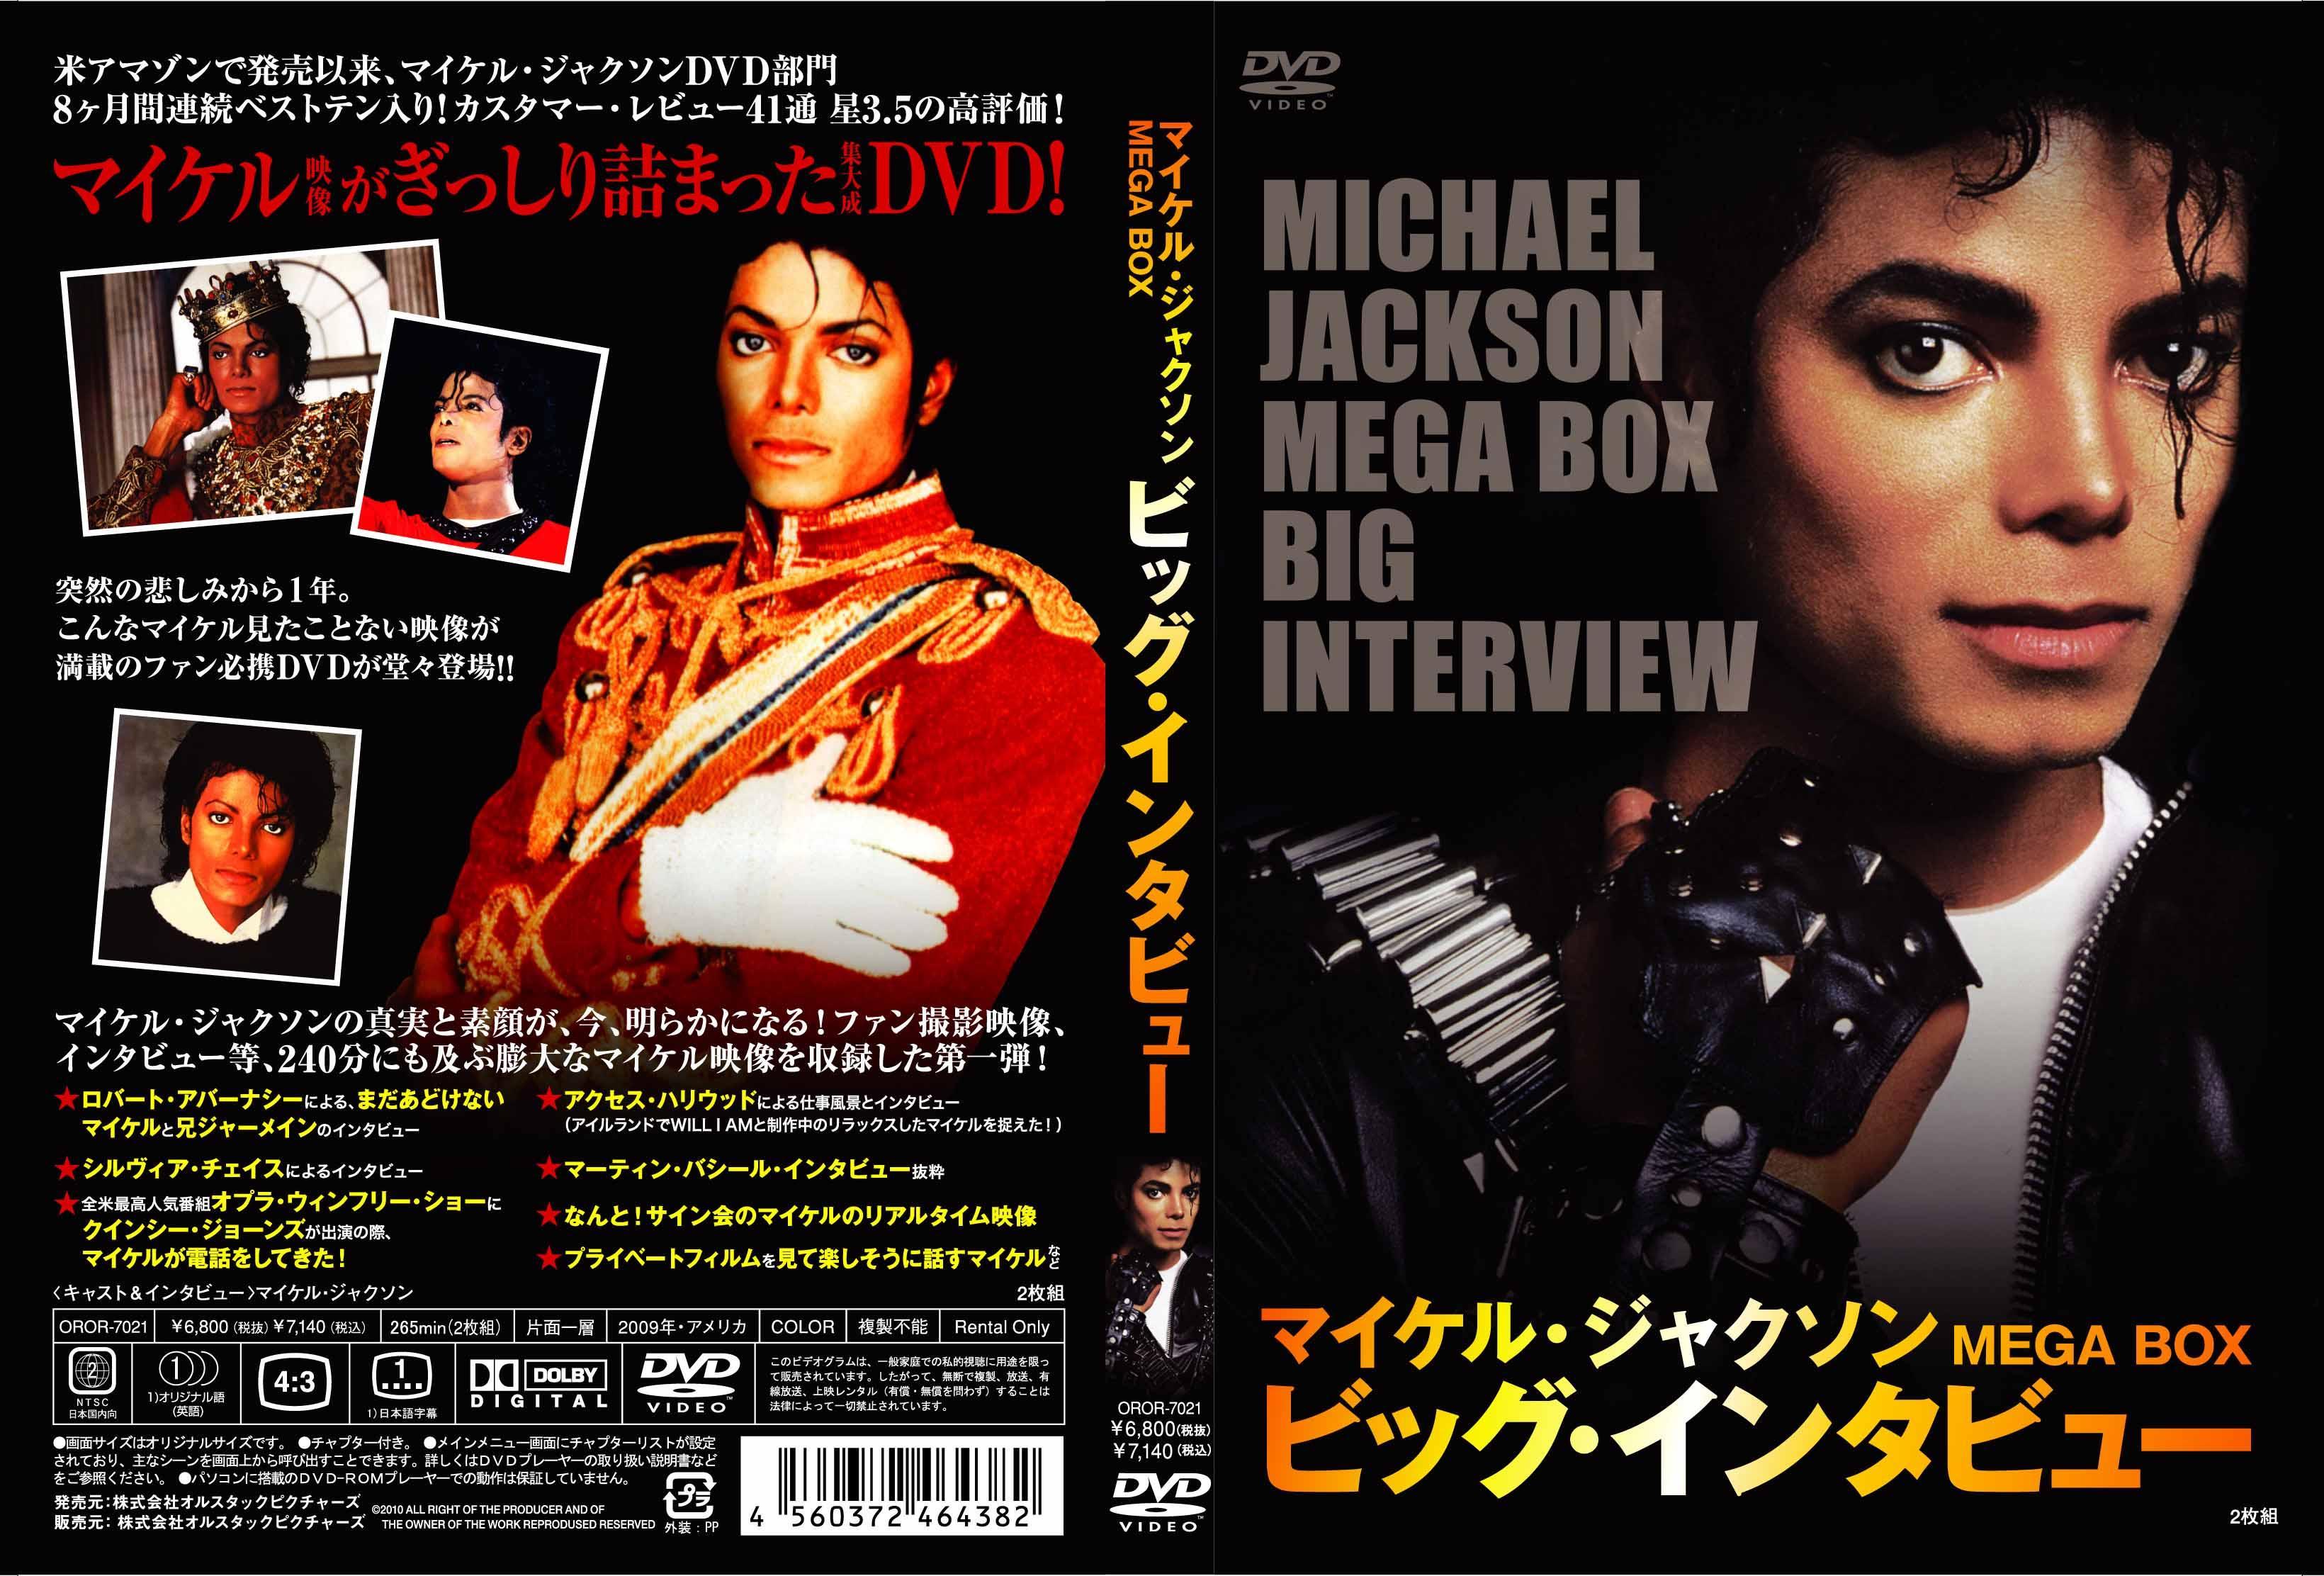 マイケル・ジャクソン MEGA BOX ビッグ・インタビュー のサムネイル画像